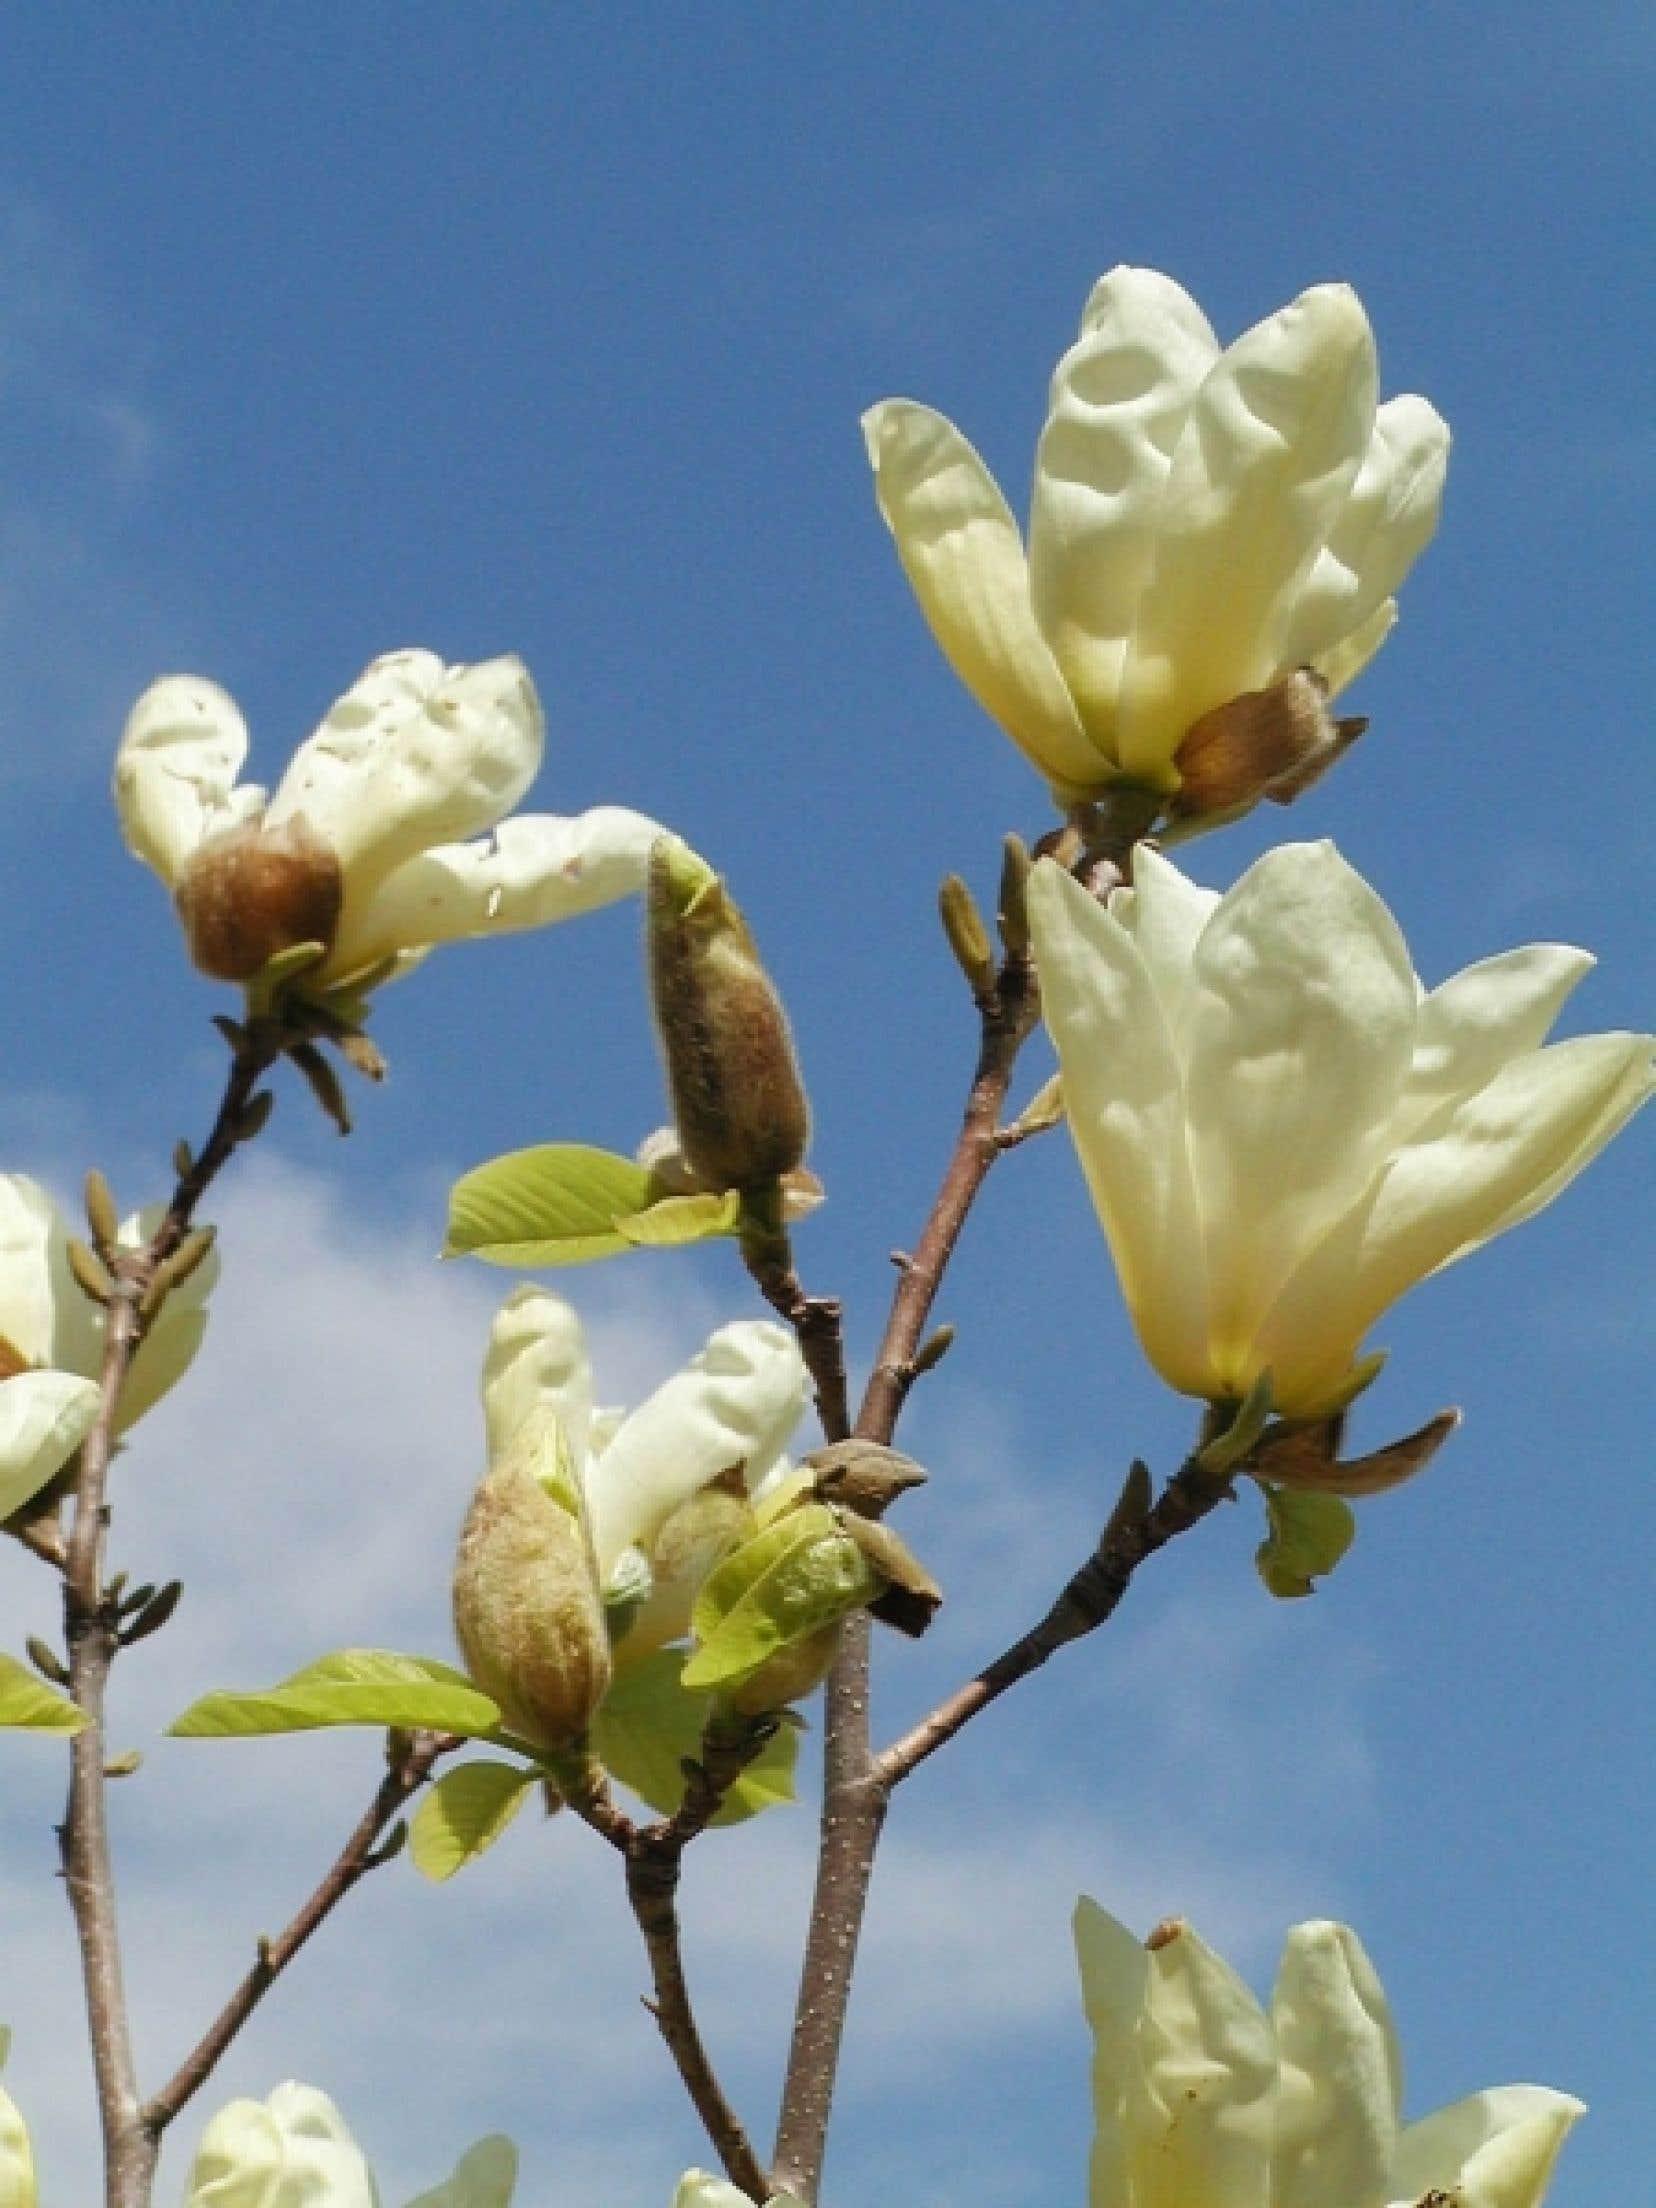 Les fleurs jaunes, immenses et lumineuses, en forme de tulipe, du magnolia &laquo;Elizabeth&raquo; sont tout simplement sublimes. Un spectacle impressionnant &agrave; chaque printemps avant la feuillaison.<br />